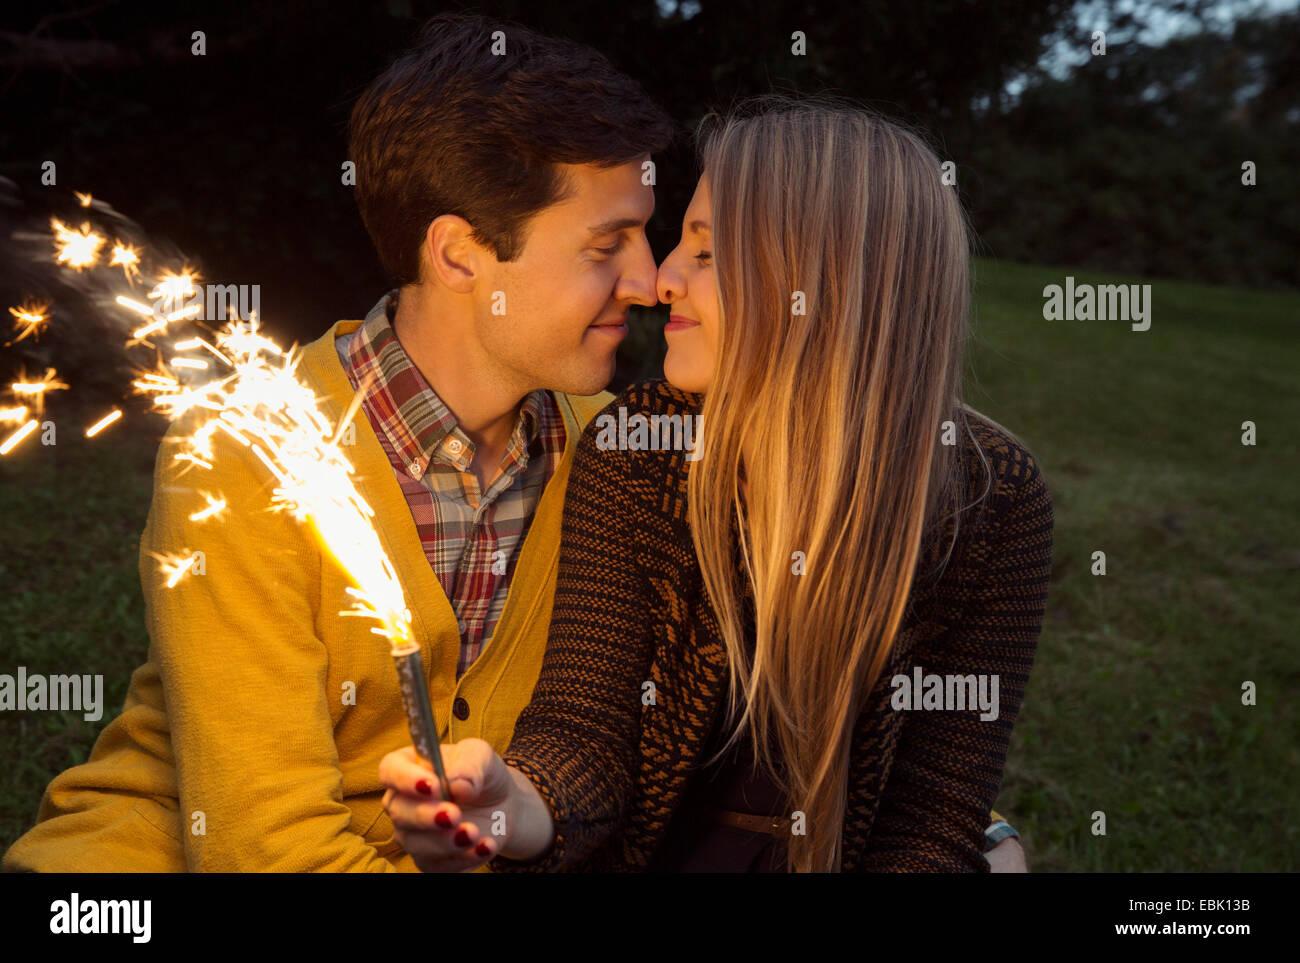 Pareja joven la nariz con nariz en park la celebración de fuegos artificiales espumoso Imagen De Stock